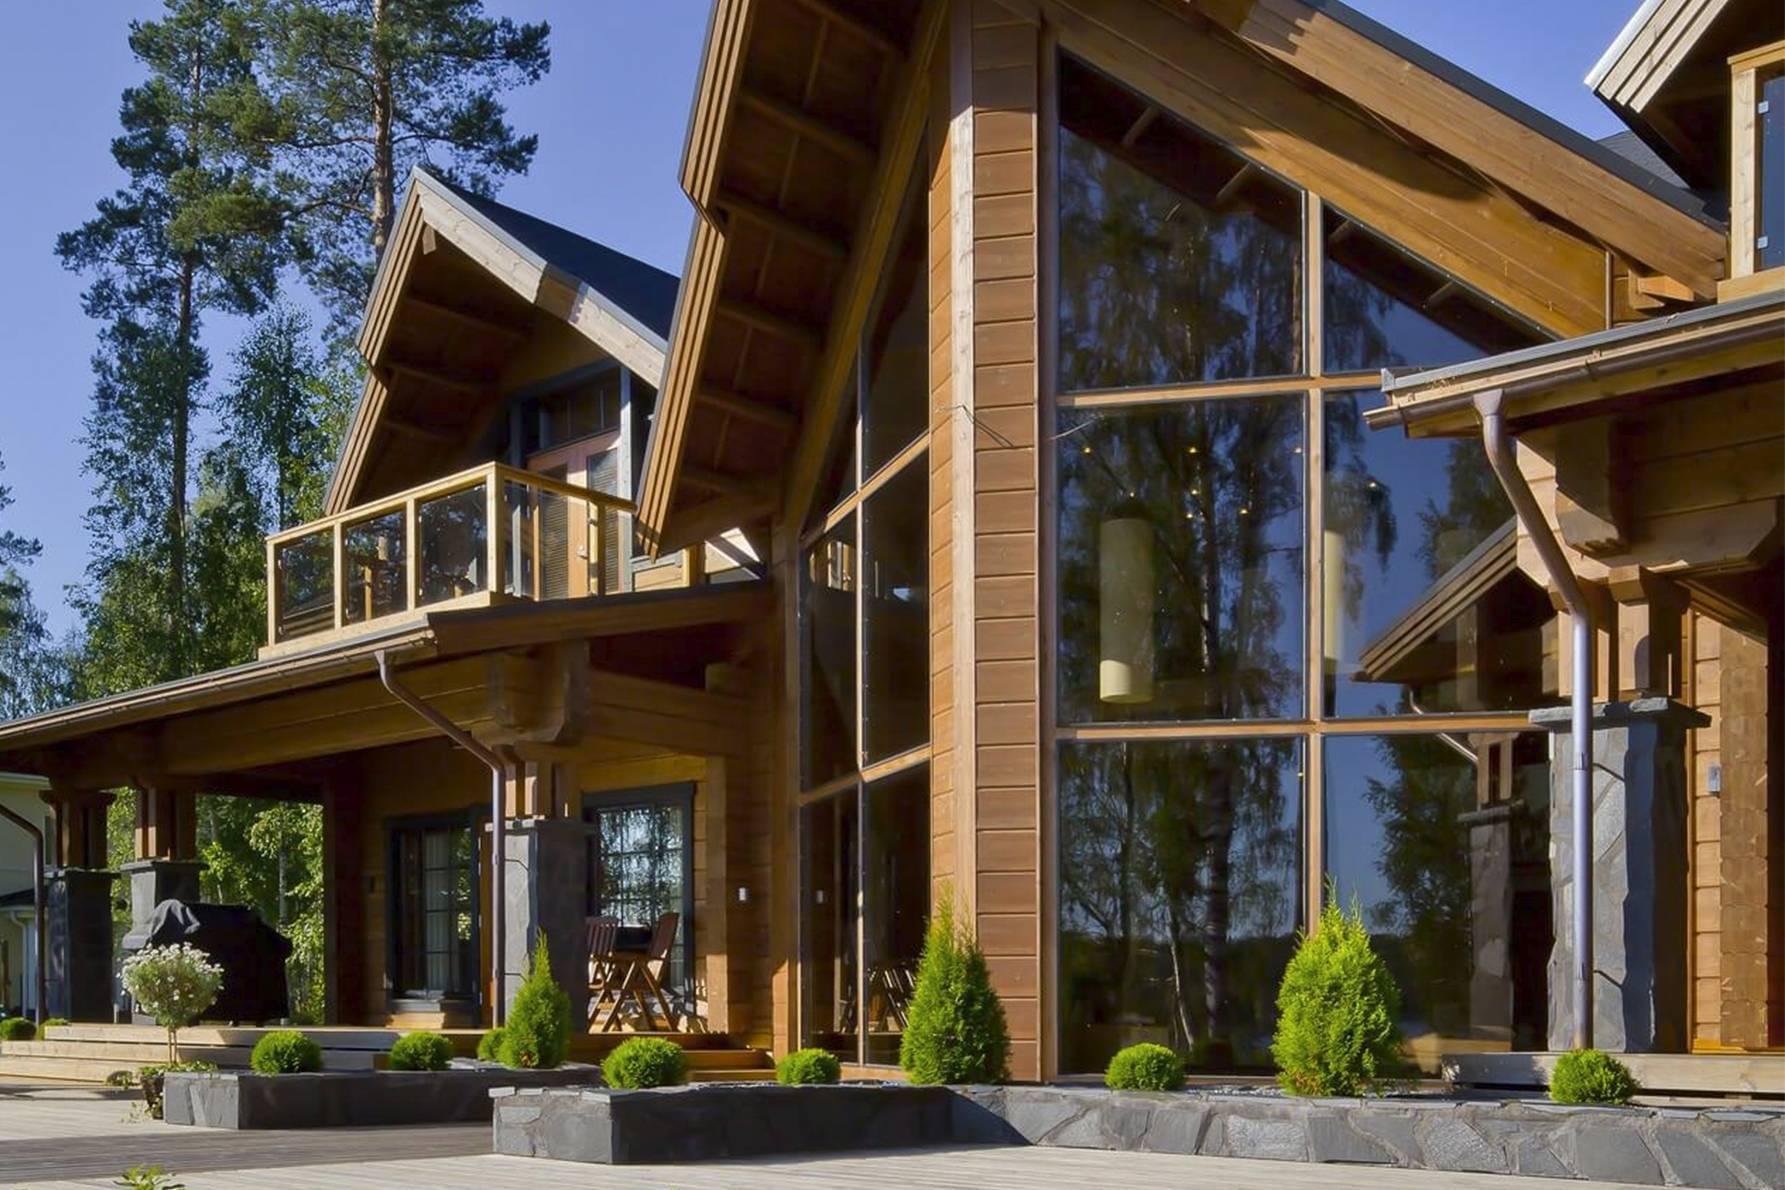 Дом из клееного бруса: строительство деревянного одноэтажного, двухэтажного сруба из профилированного брусового материала, какой он бывает, что лучше применить?